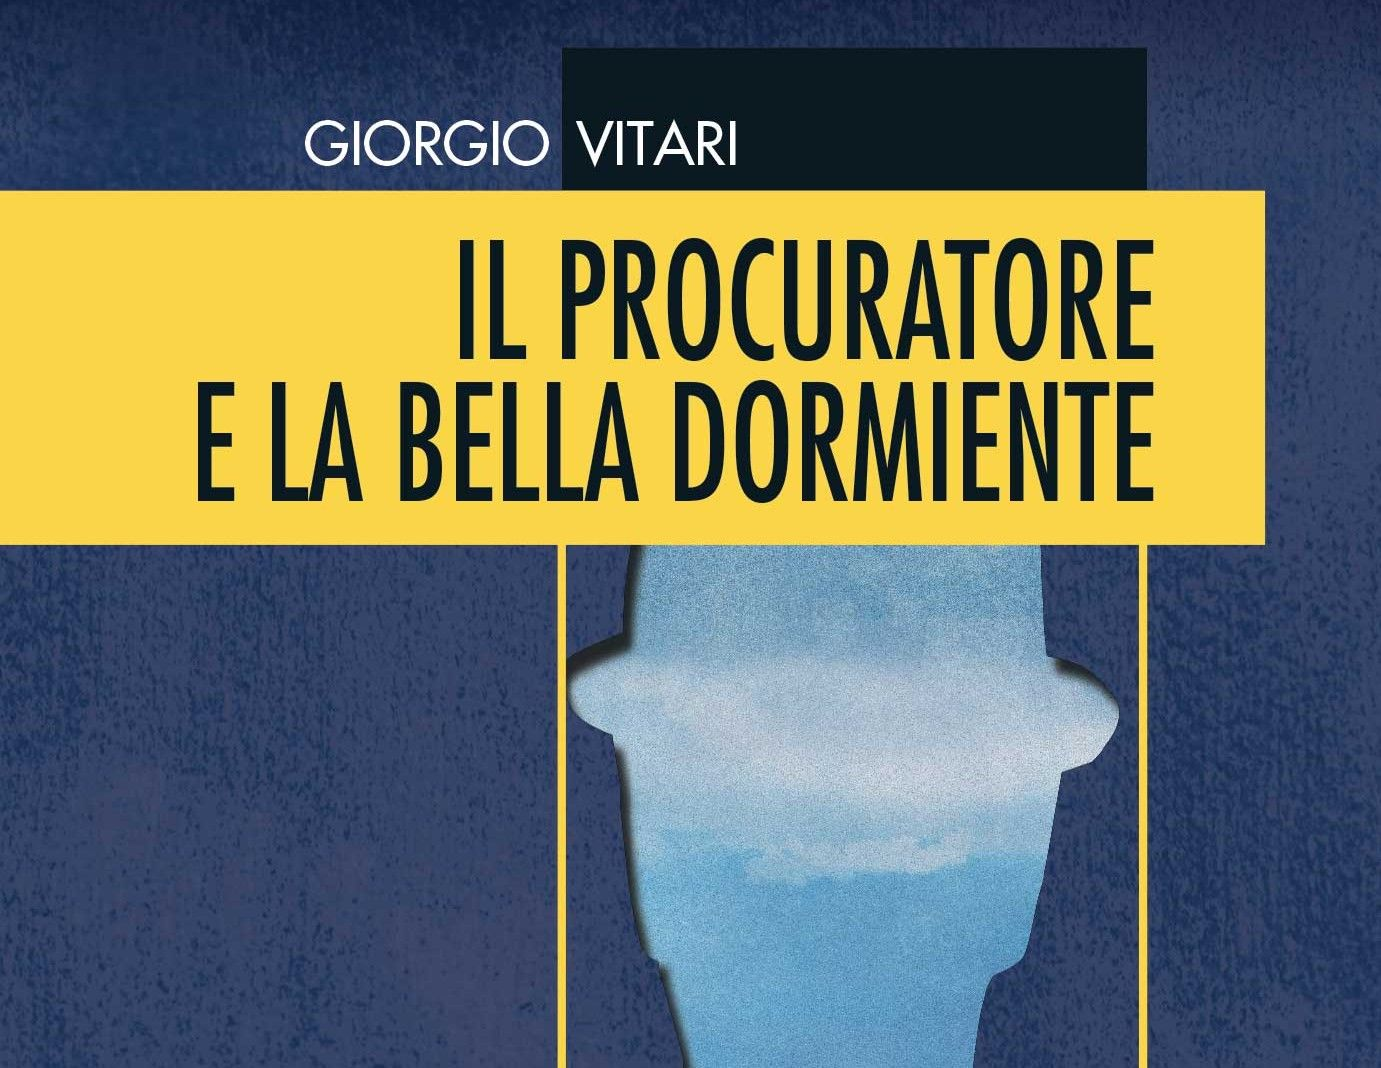 IVREA - Olivetti e il Carnevale diventano un libro giallo: lo ha scritto l'ex procuratore Giorgio Vitari